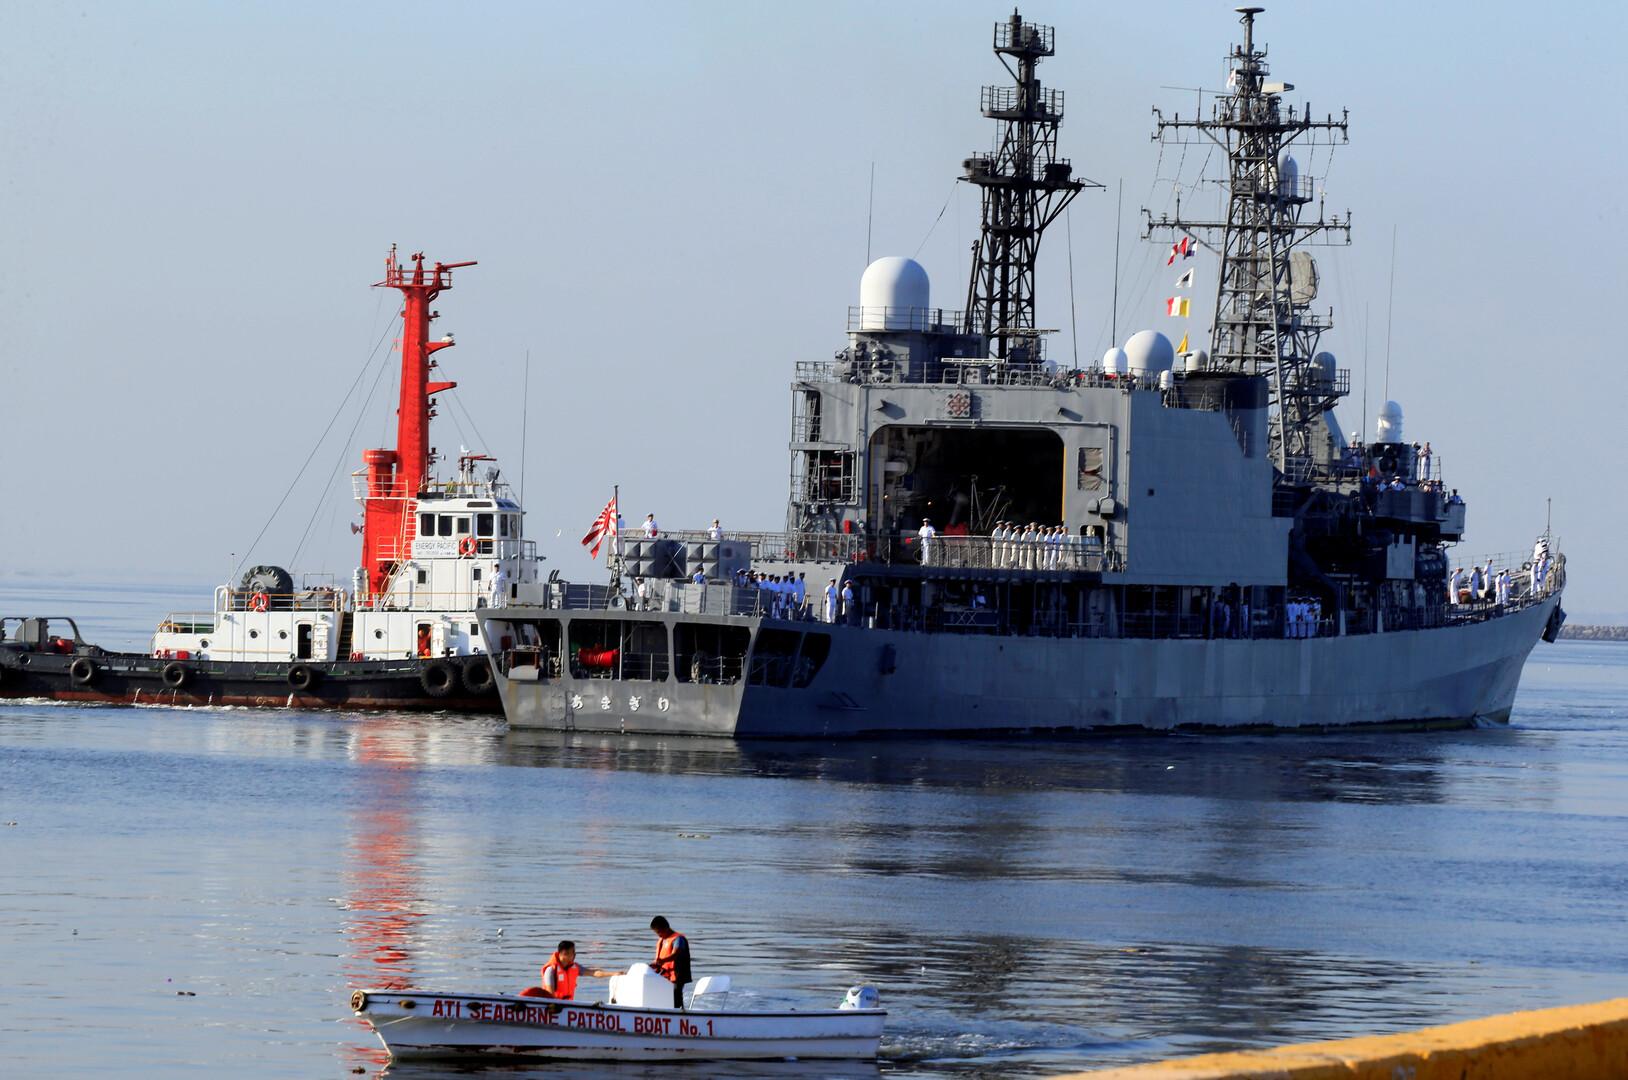 صحيفة يابانية: طوكيو تنشر قوات في هرمز دون الانضمام إلى التحالف الأمريكي